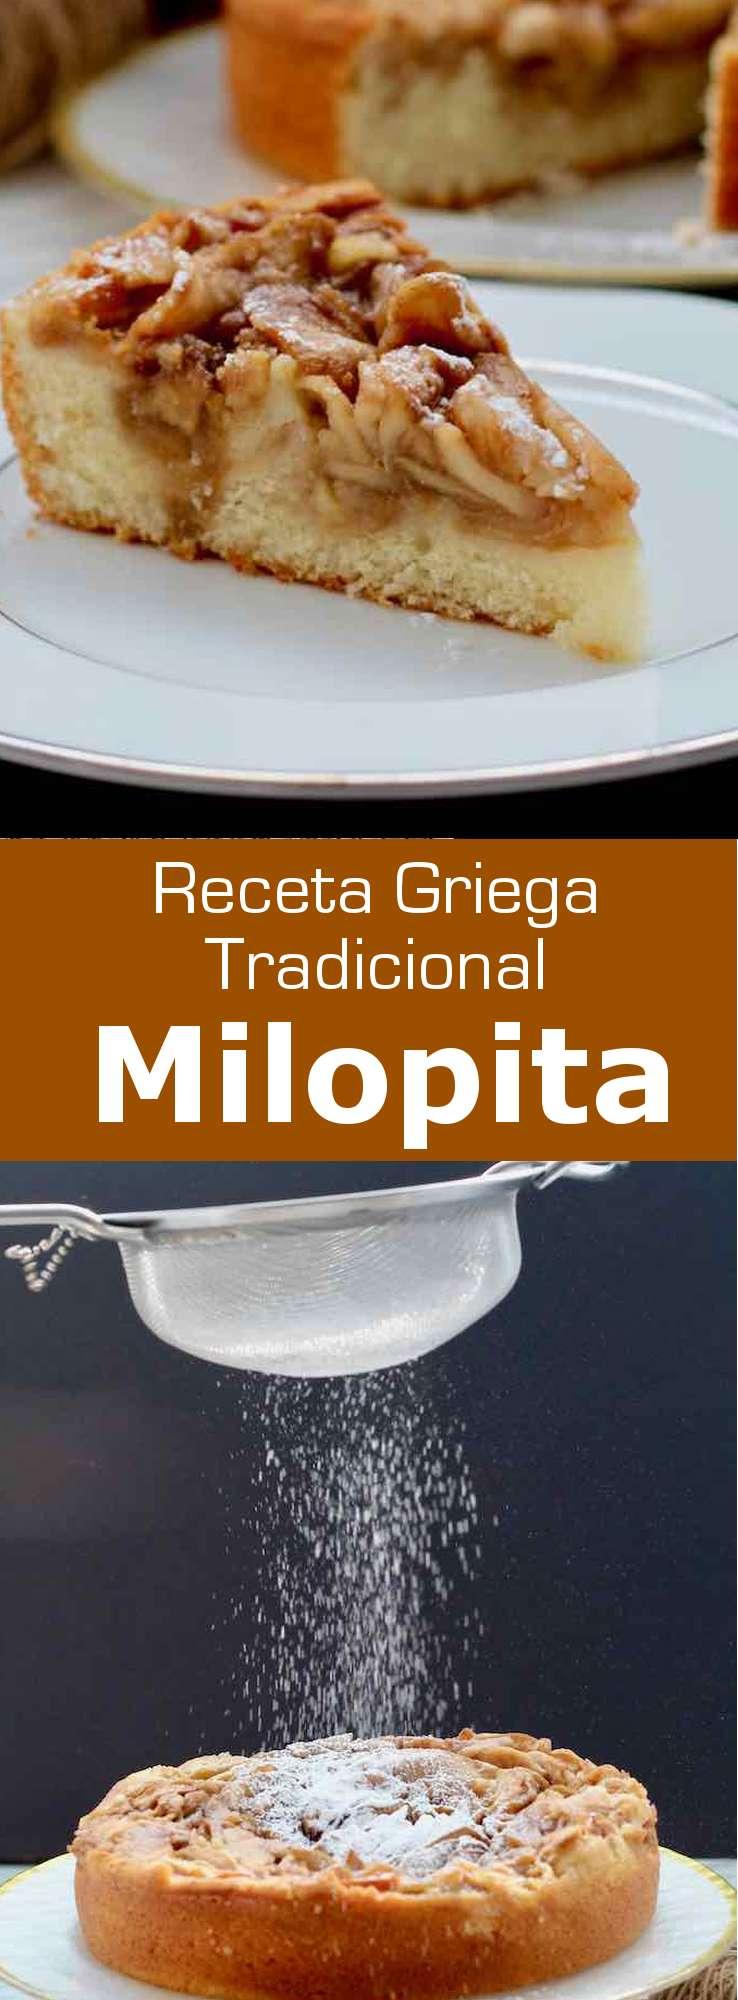 La milopita (μηλόπιτα) es la versión tradicional griega de la tarta de manzana con canela, que queda a medio camino entre una masa de pastel suave y un hojaldre.